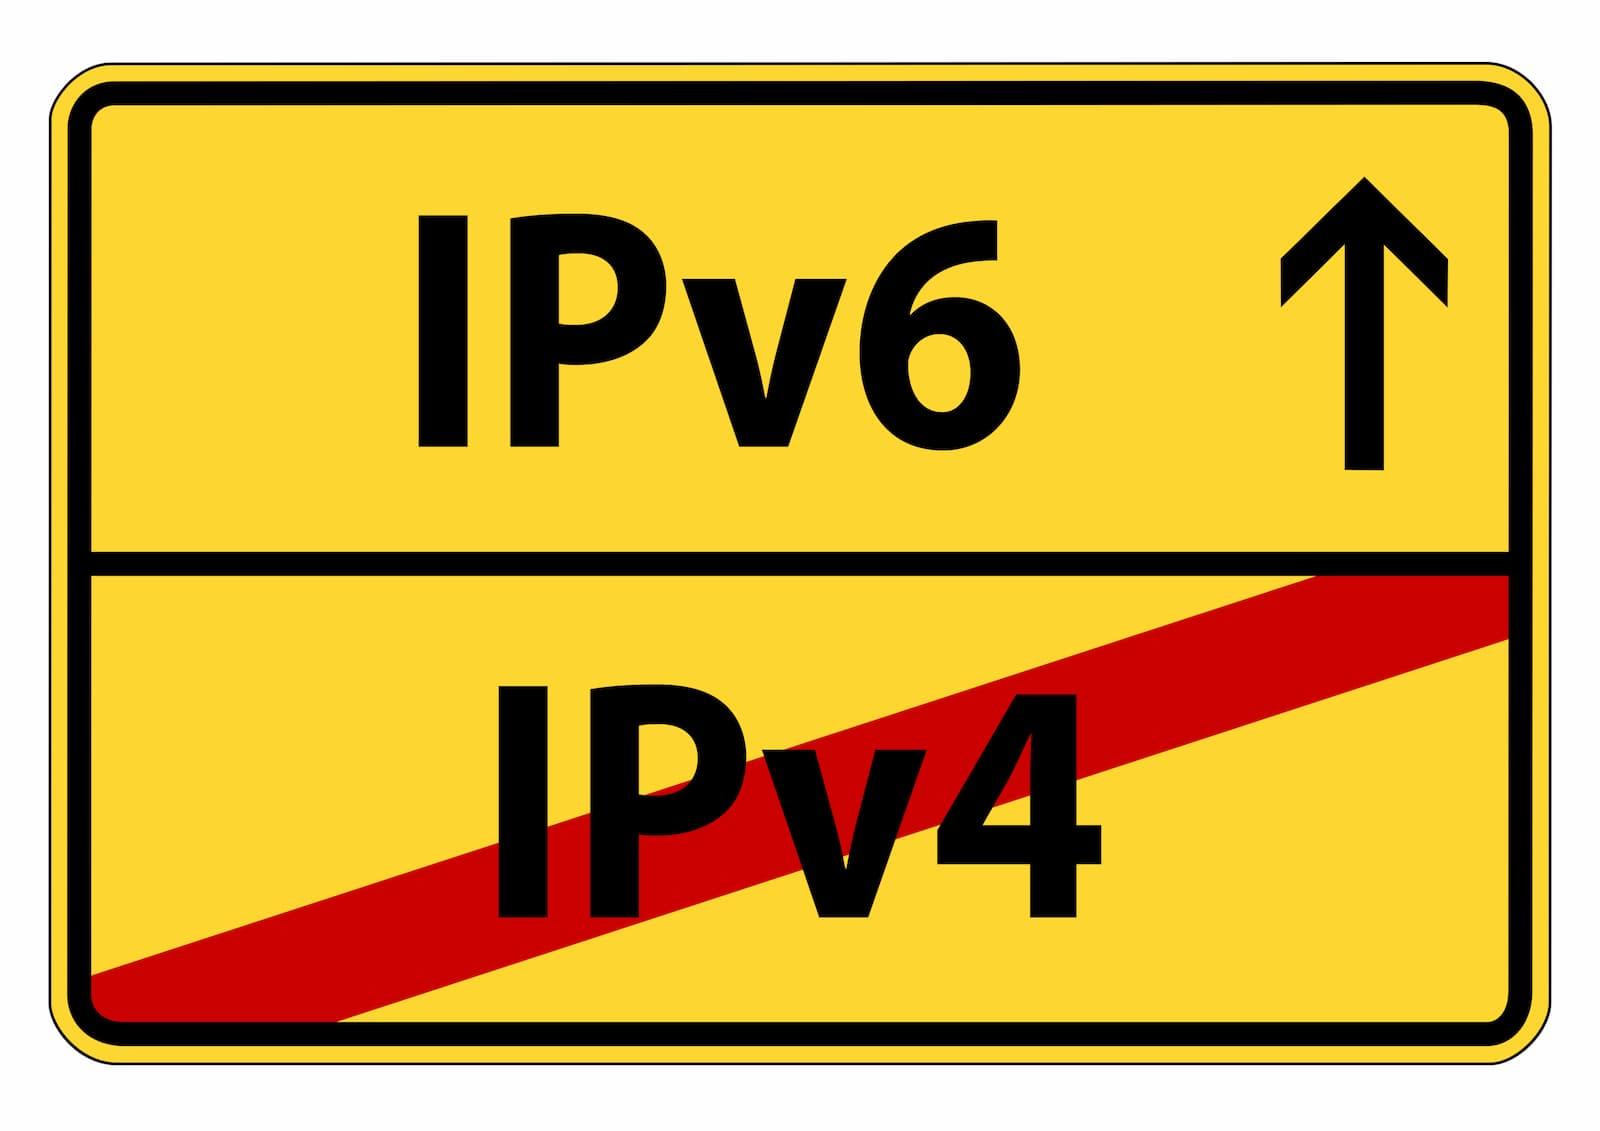 ipv4 ipv6 dns server